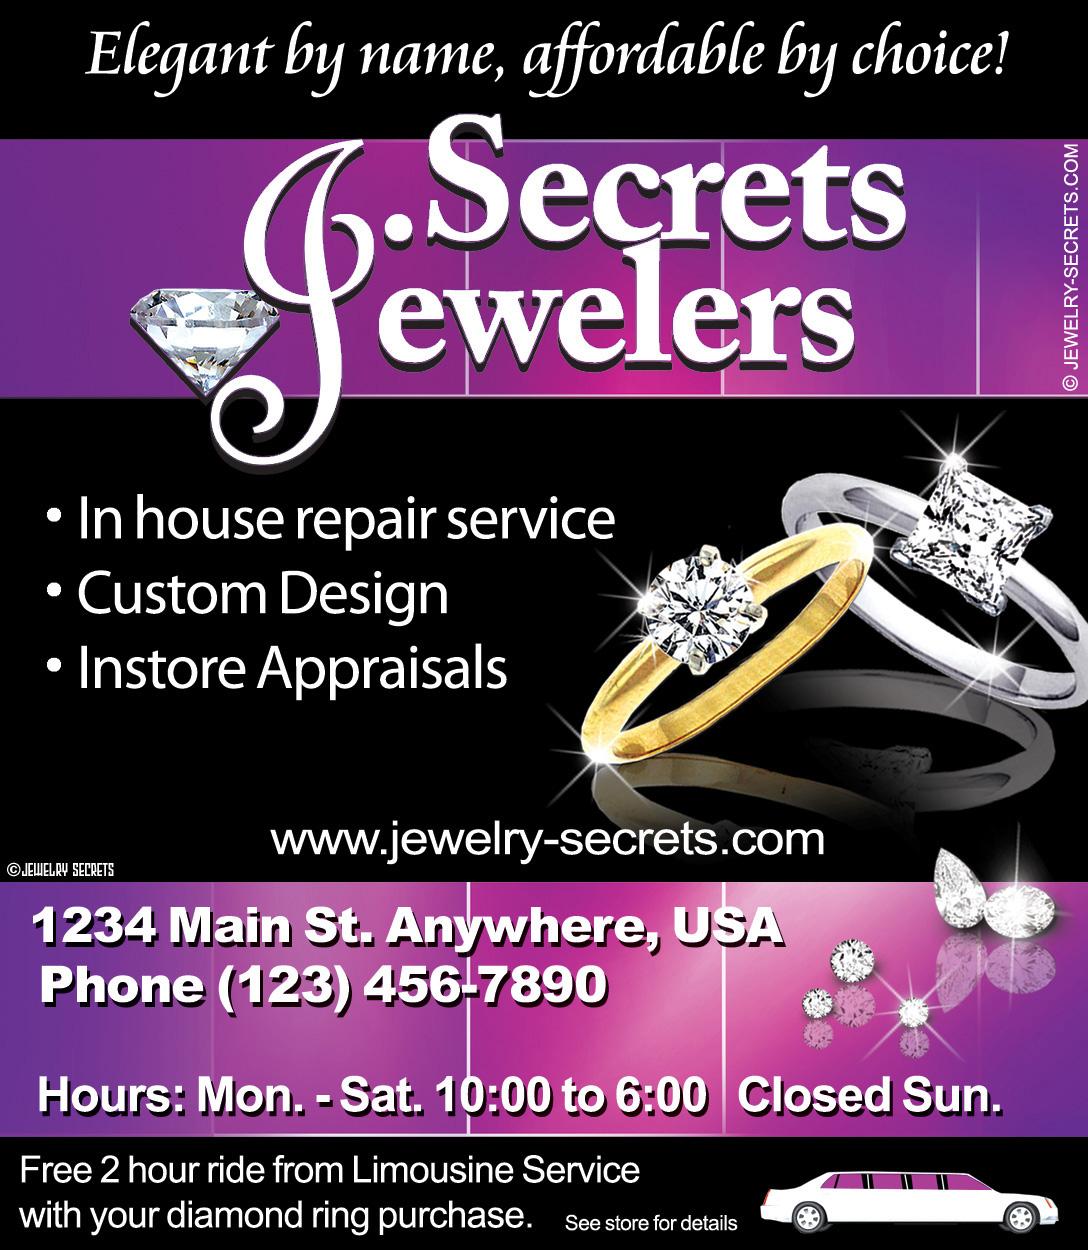 BULOVA WATCH SAMPLE ADVERTISEMENT – Jewelry Secrets